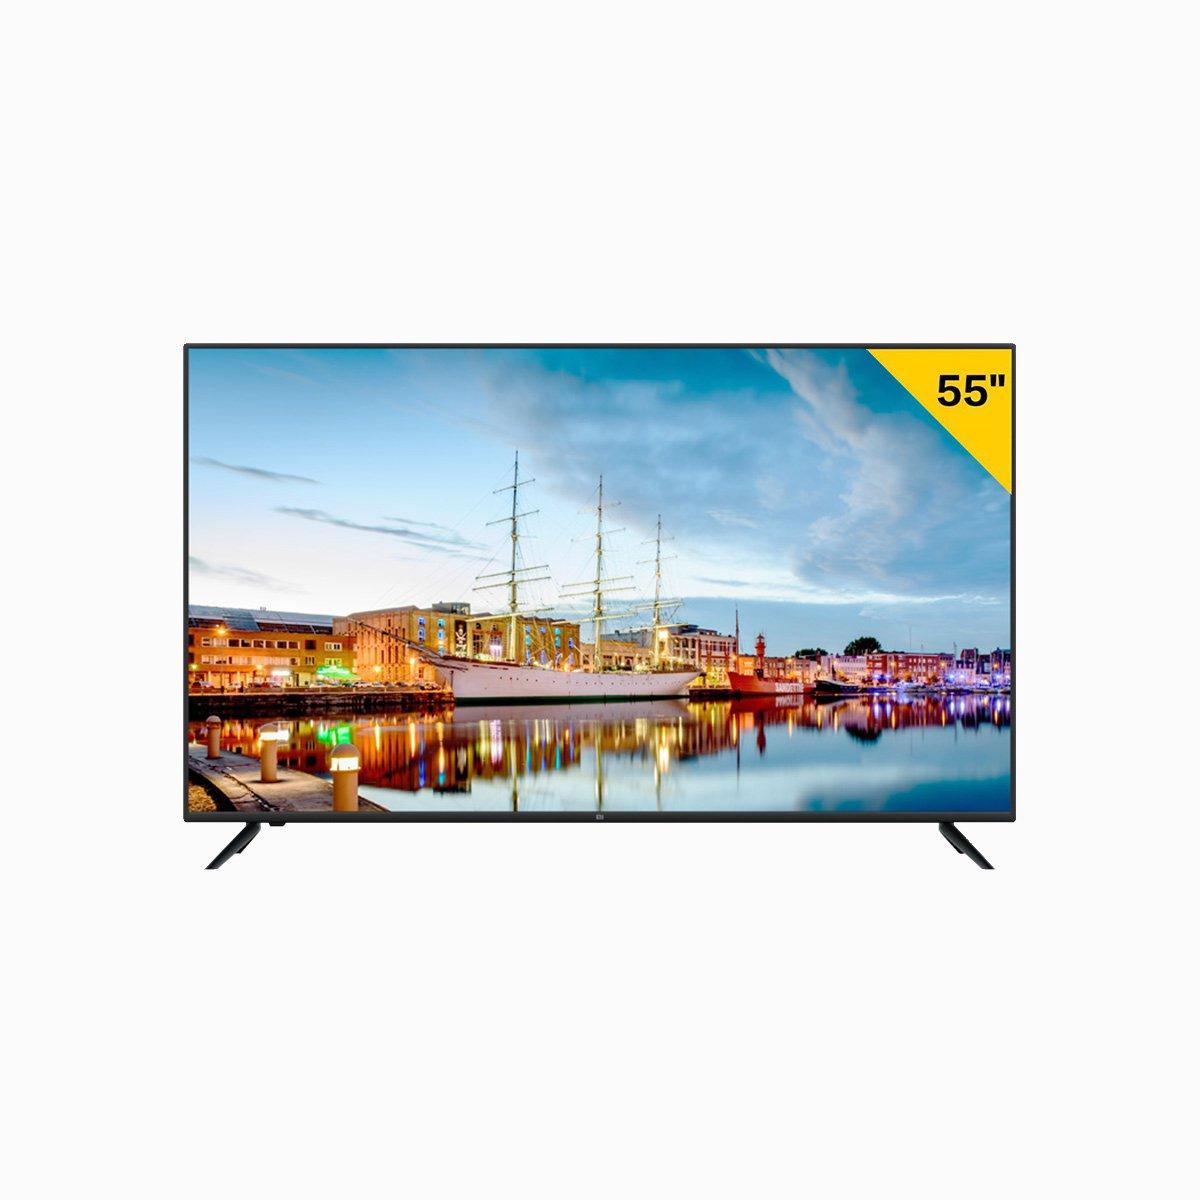 小米電視4c 55英寸 2g 8gb 4k高清液晶智能電視 智能平板網絡電視機